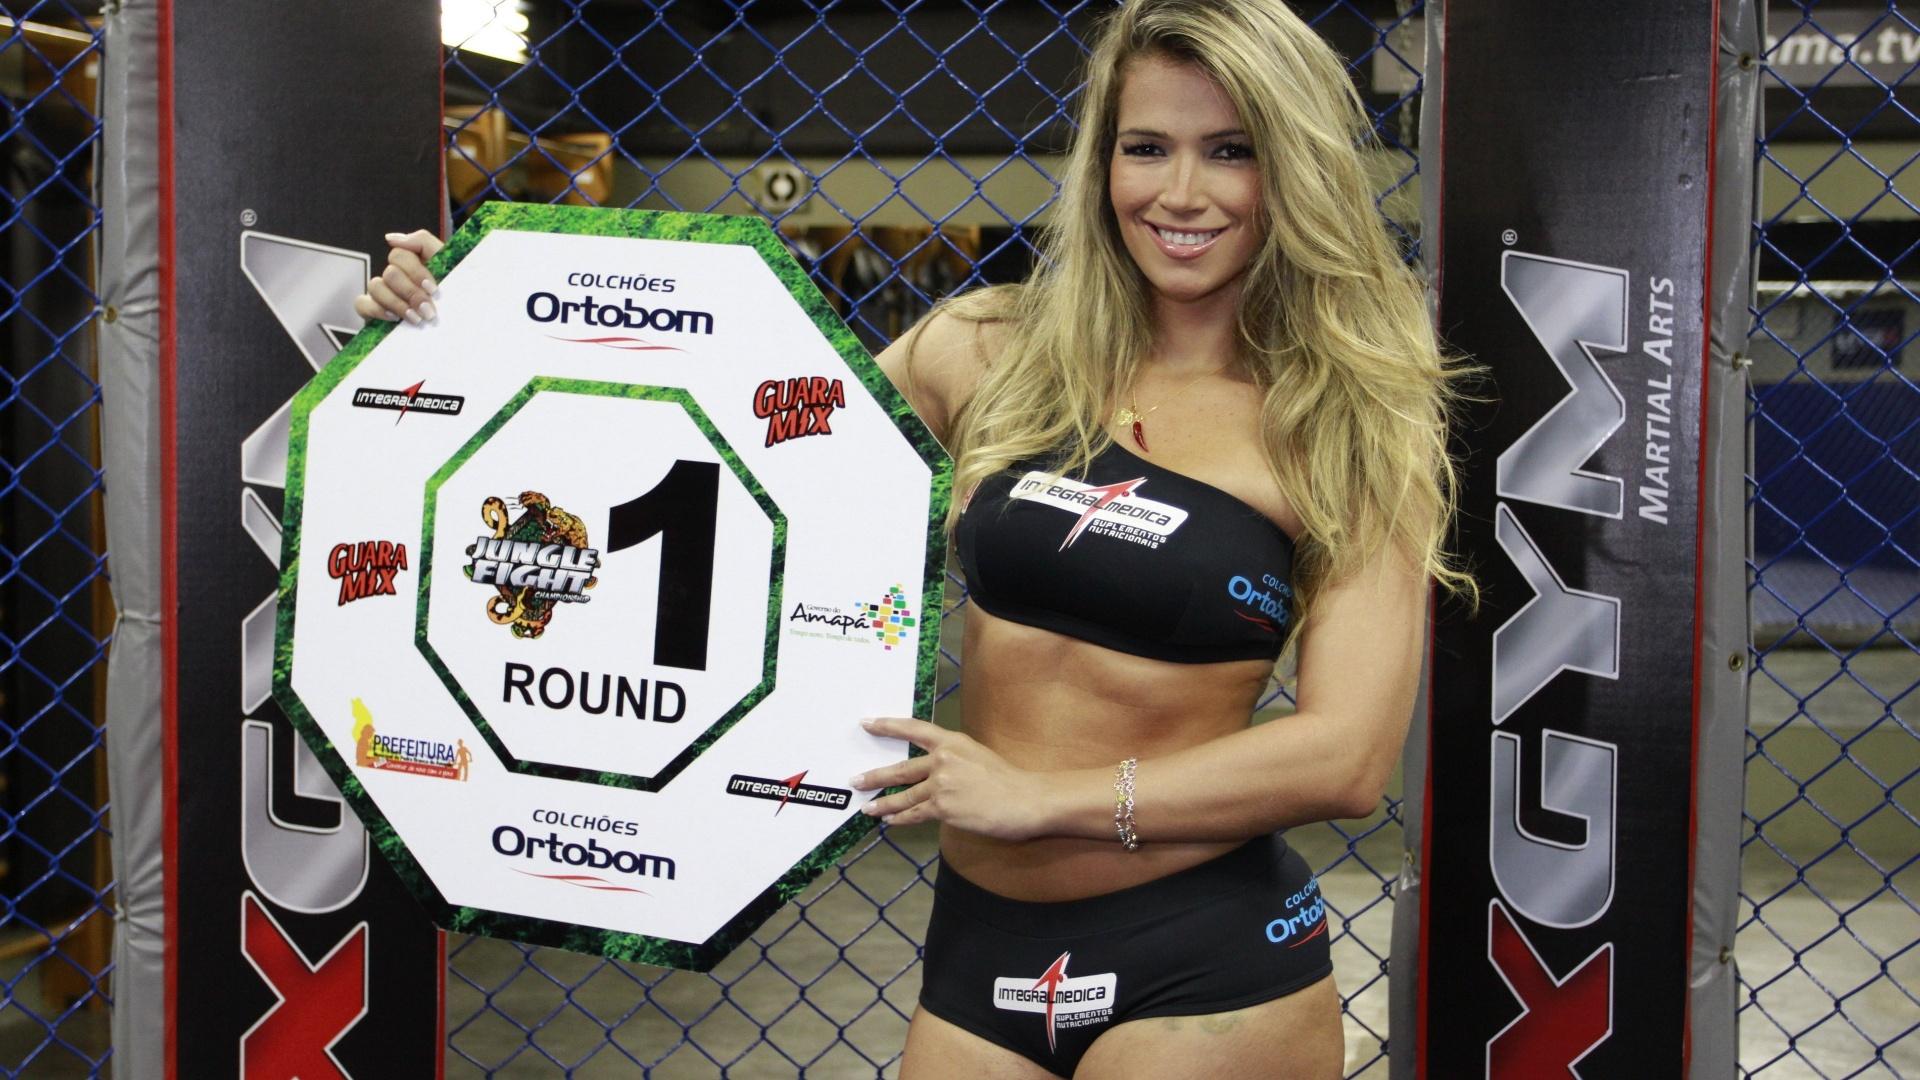 A ex-BBB Fani foi anunciada nesta segunda-feira como ring girl do Jungle Fight; o evento chega à edição de número 40 e mais uma vez aposta em ex-participantes do reality. A disputa será em 15 de junho, no Amapá